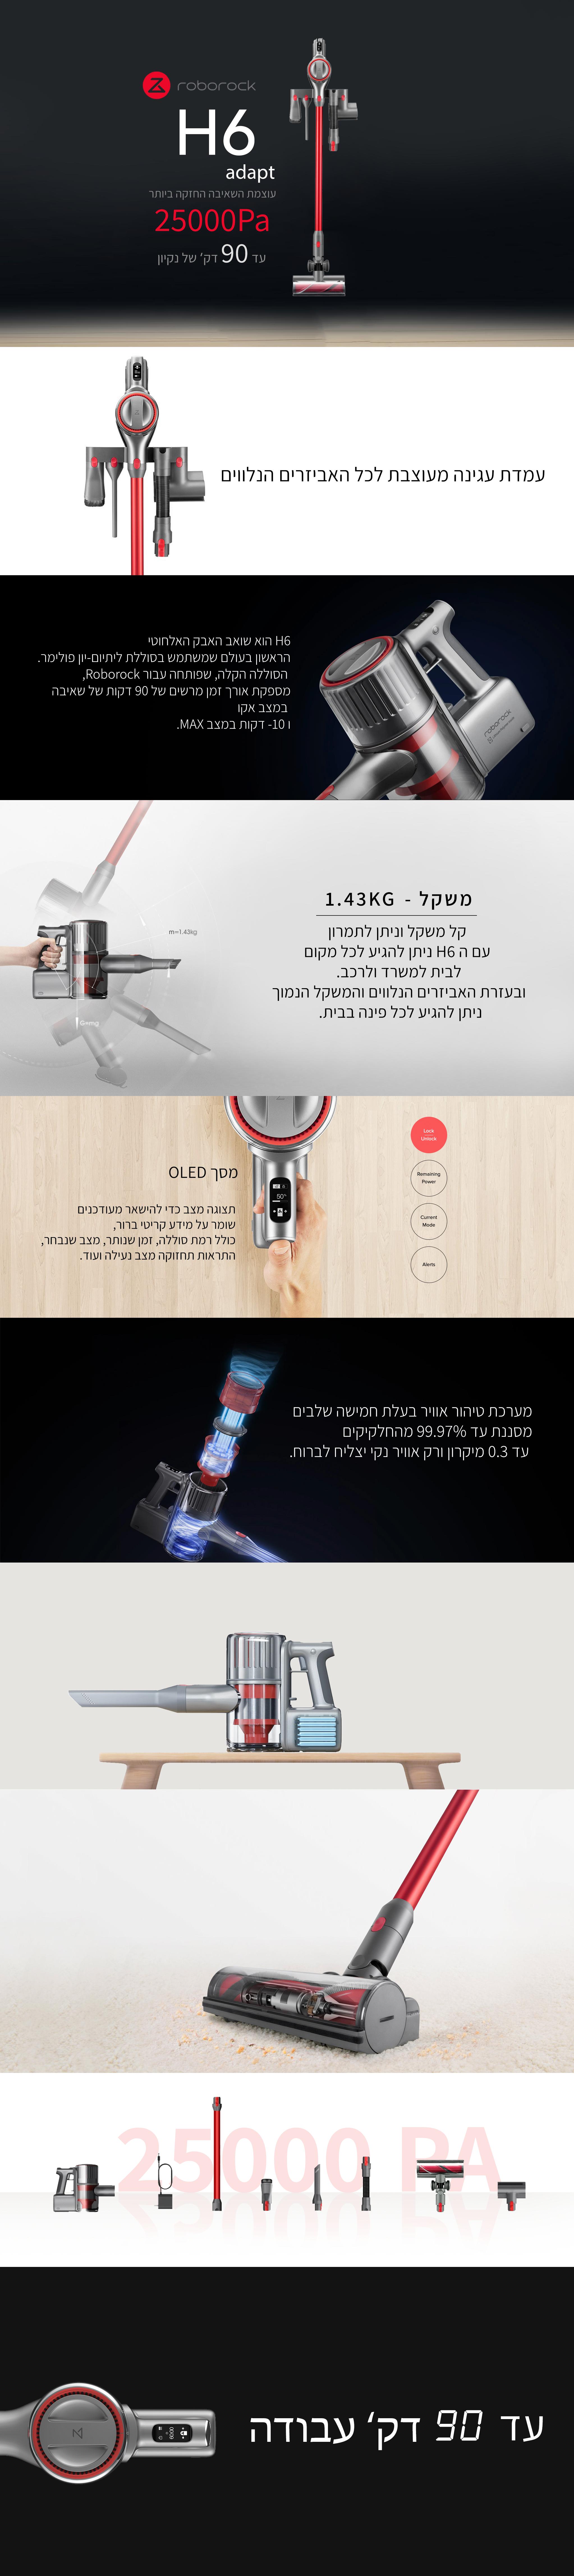 שואב אבק אלחוטי + תוספת מברשת רכה Roborock H6 Adapt אחריות שנה מבית שיאומי יבוא מקביל | שואבי אבק אלחוטיים של Xiaomi הכי זולים בארץ! 19